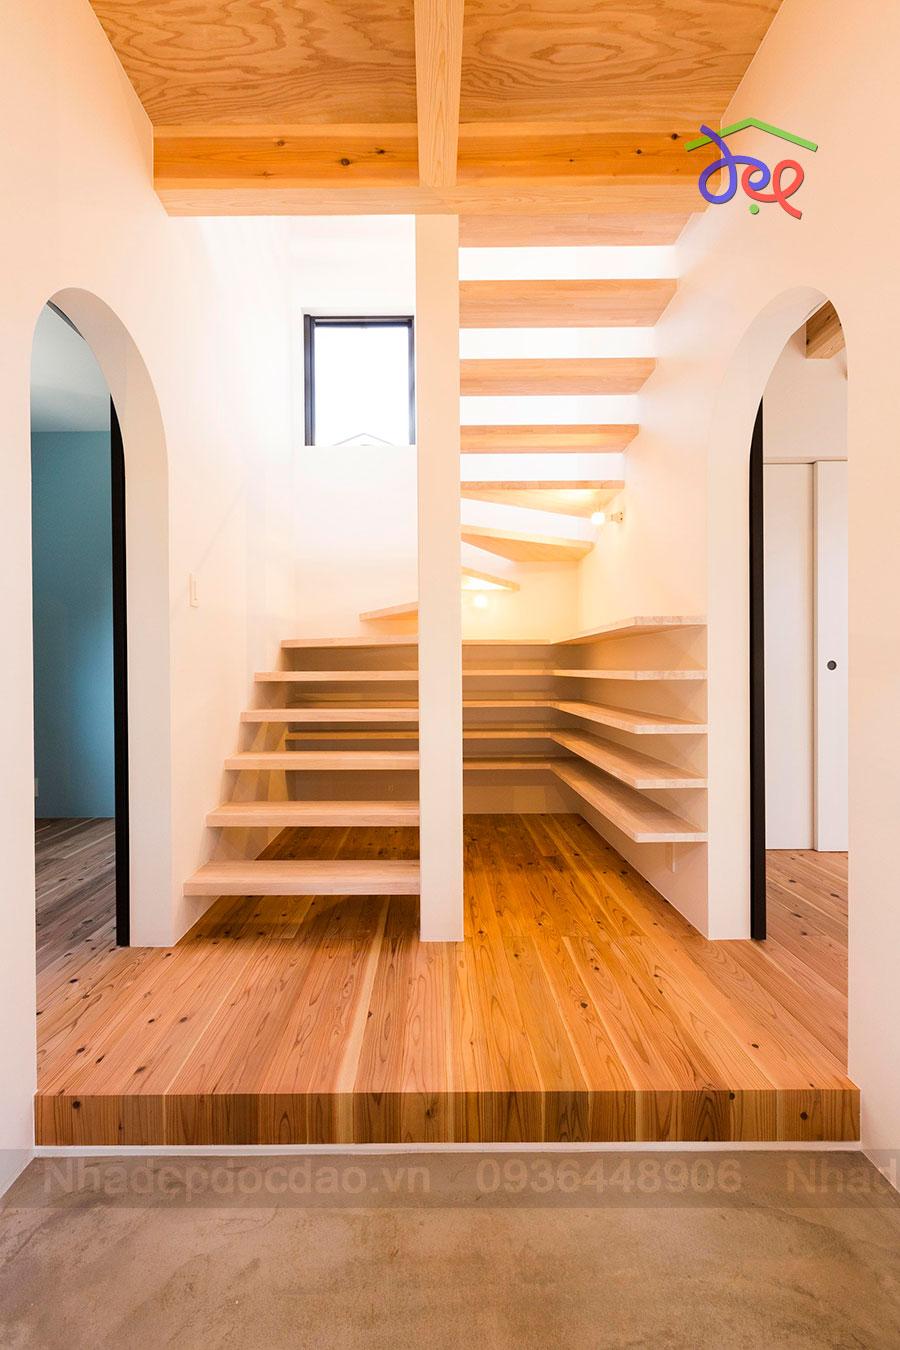 Thiết kế nhà phố 3 tầng bằng gỗ diện tích 86m2